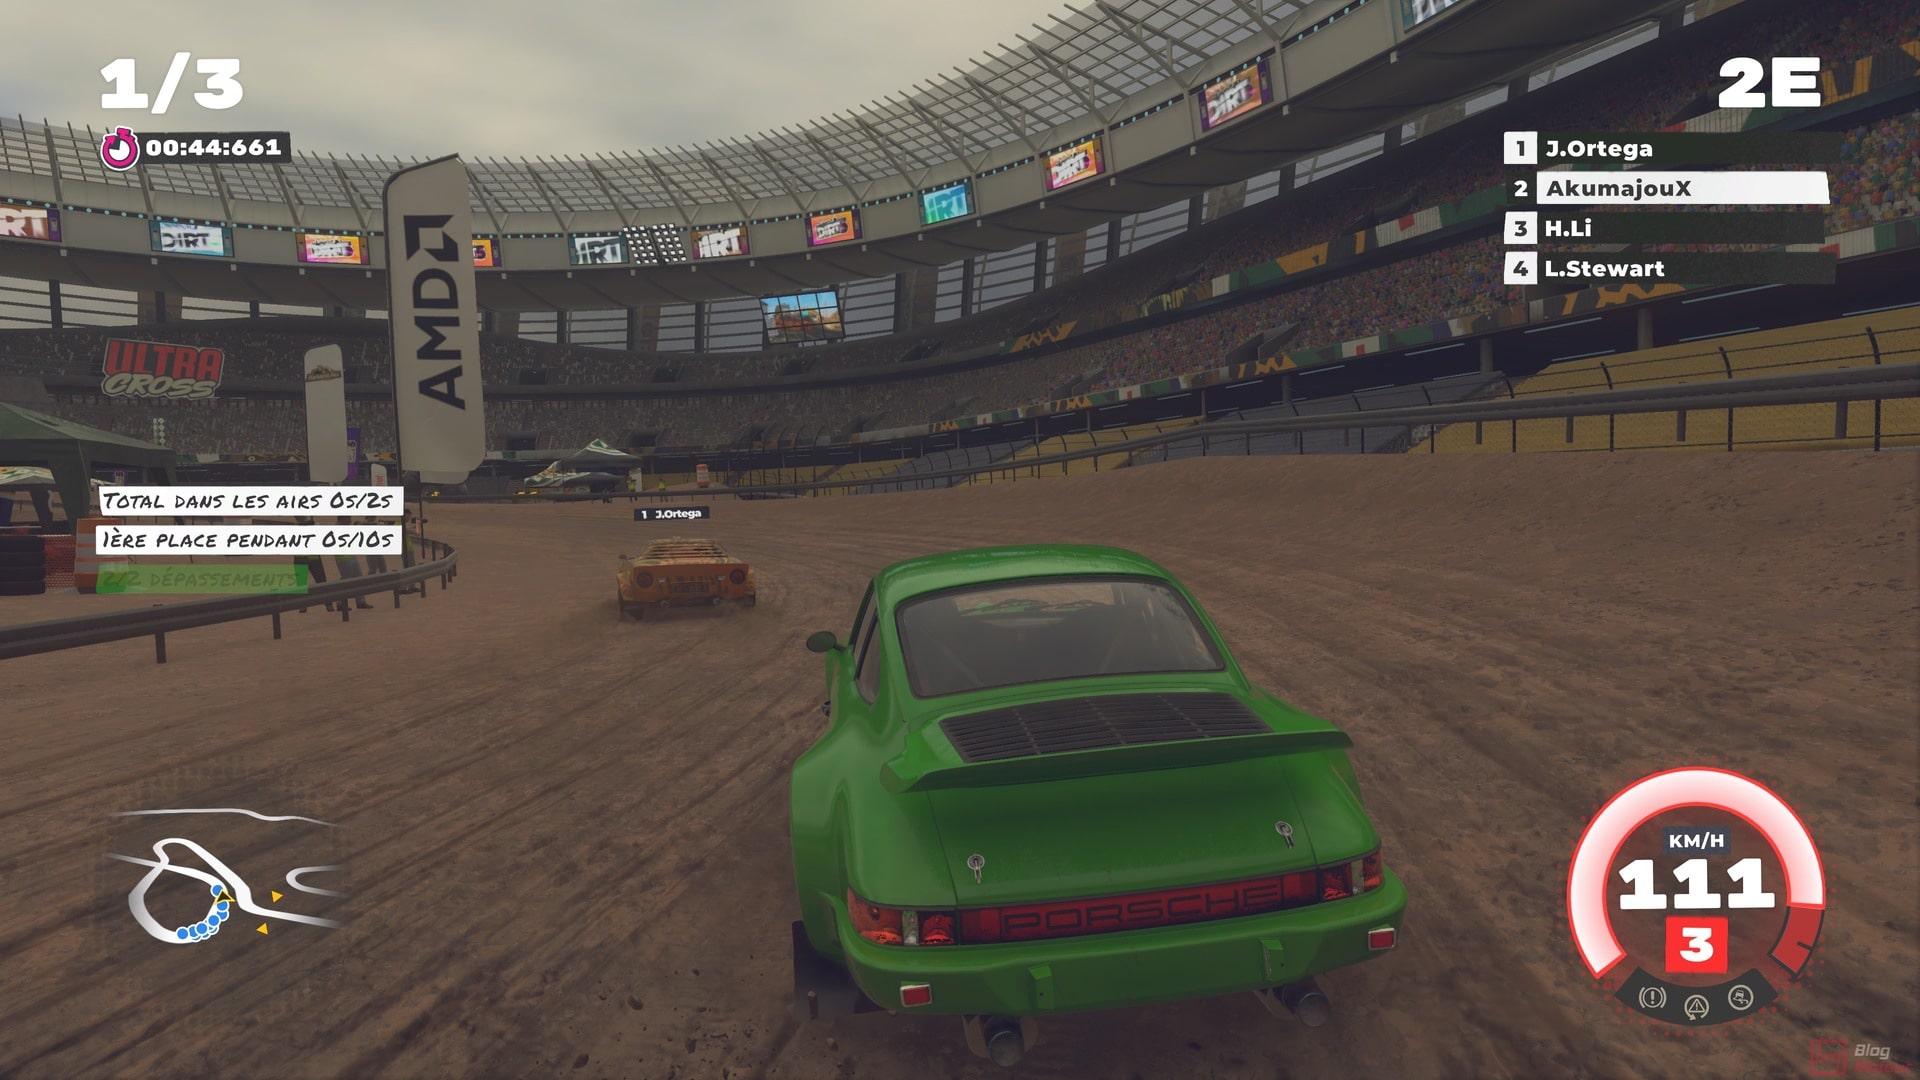 Xbox Series X - PS5